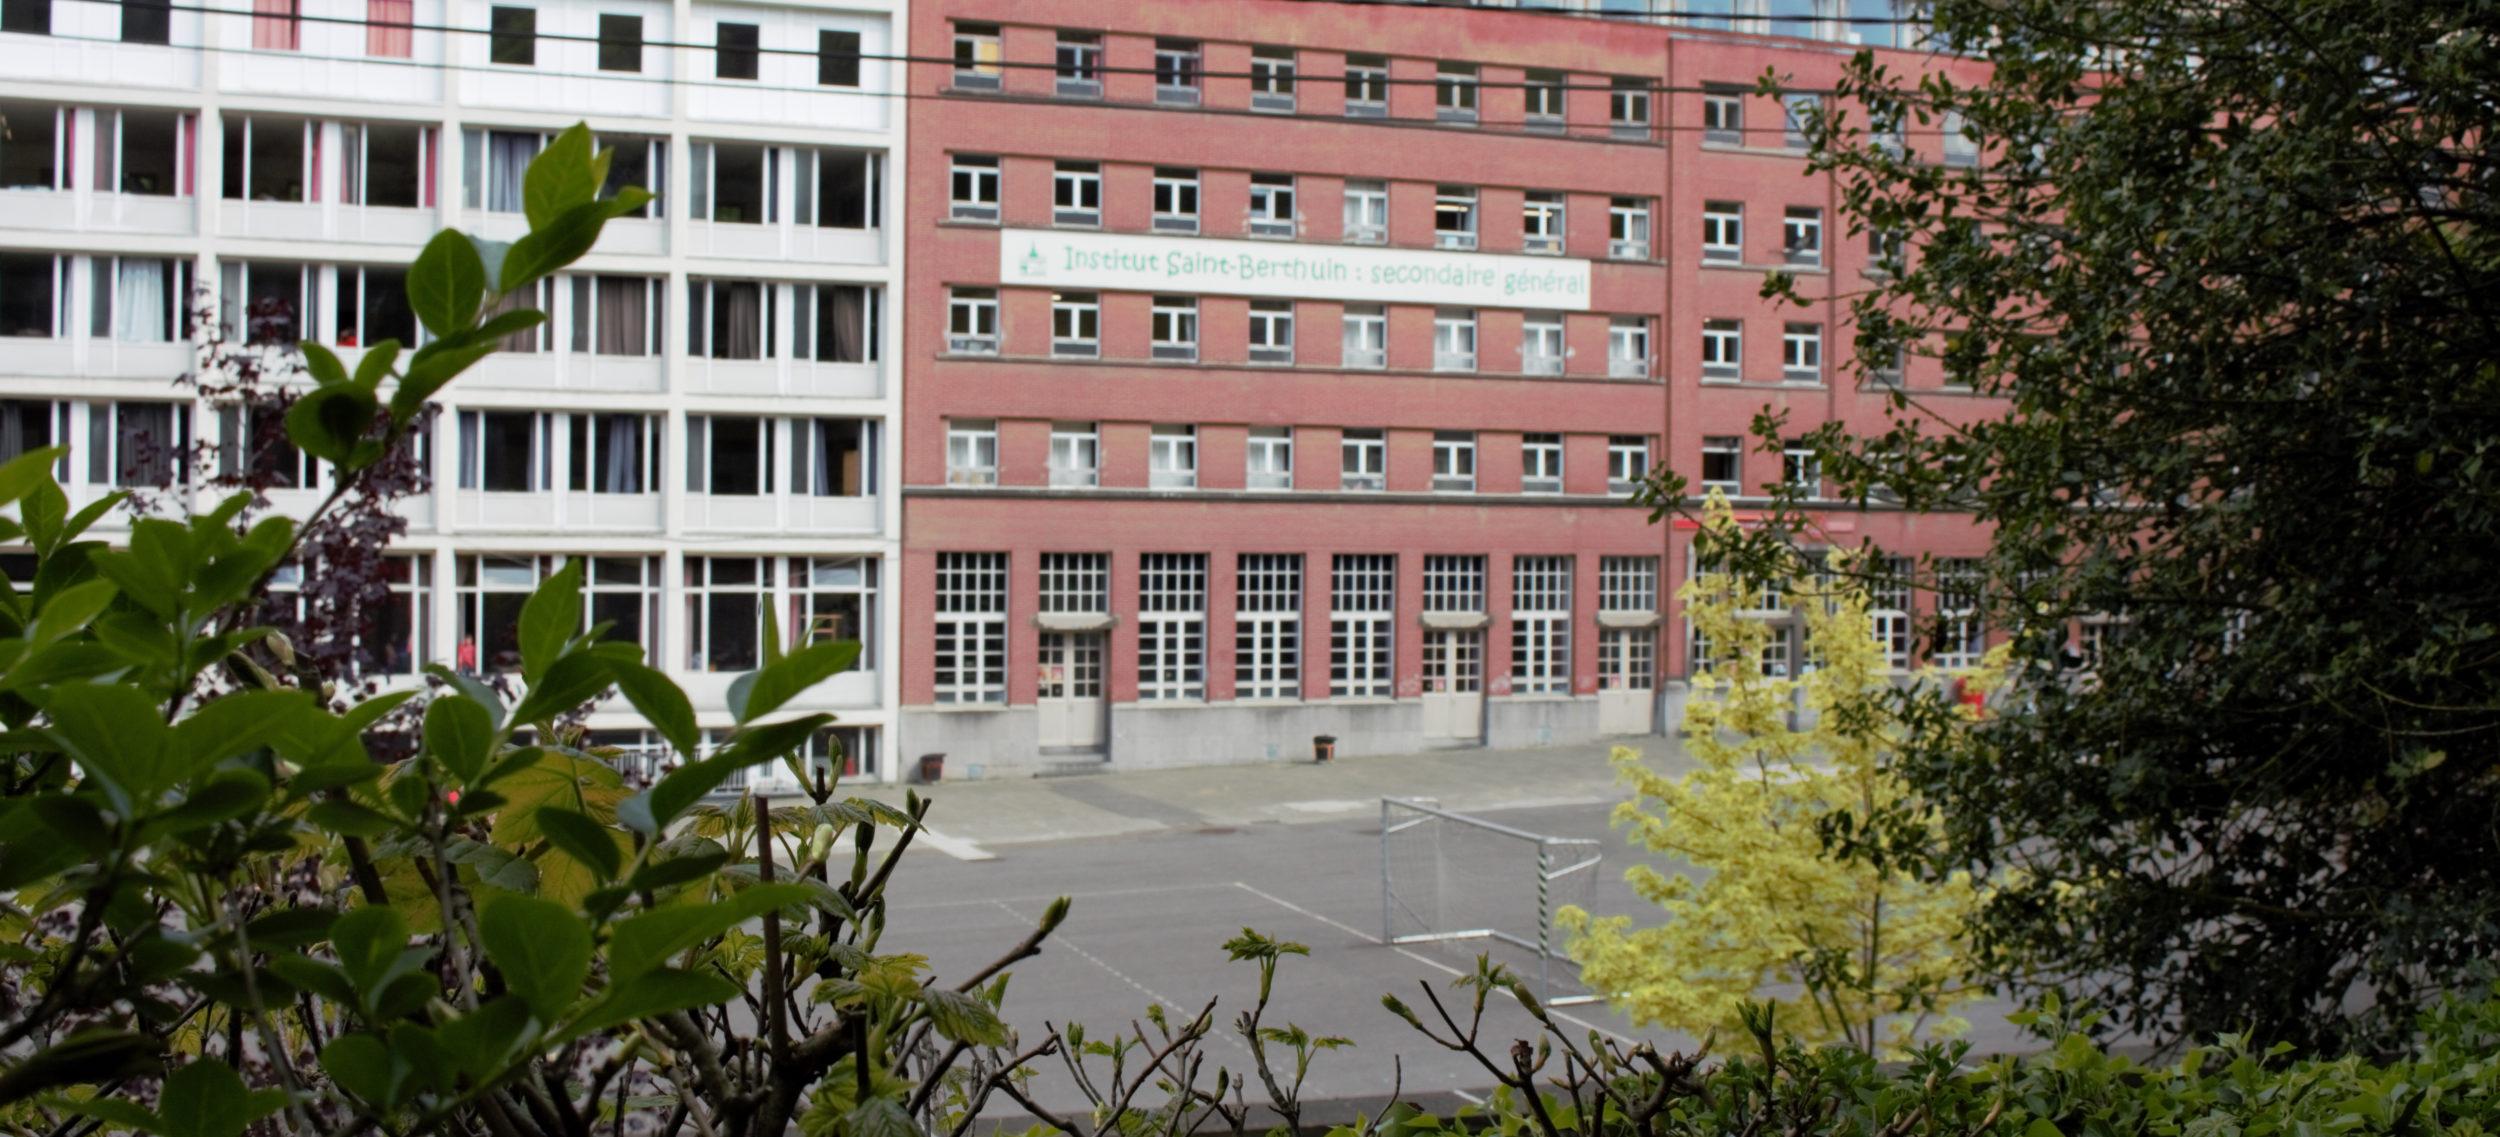 l'Institut St-Berthuin